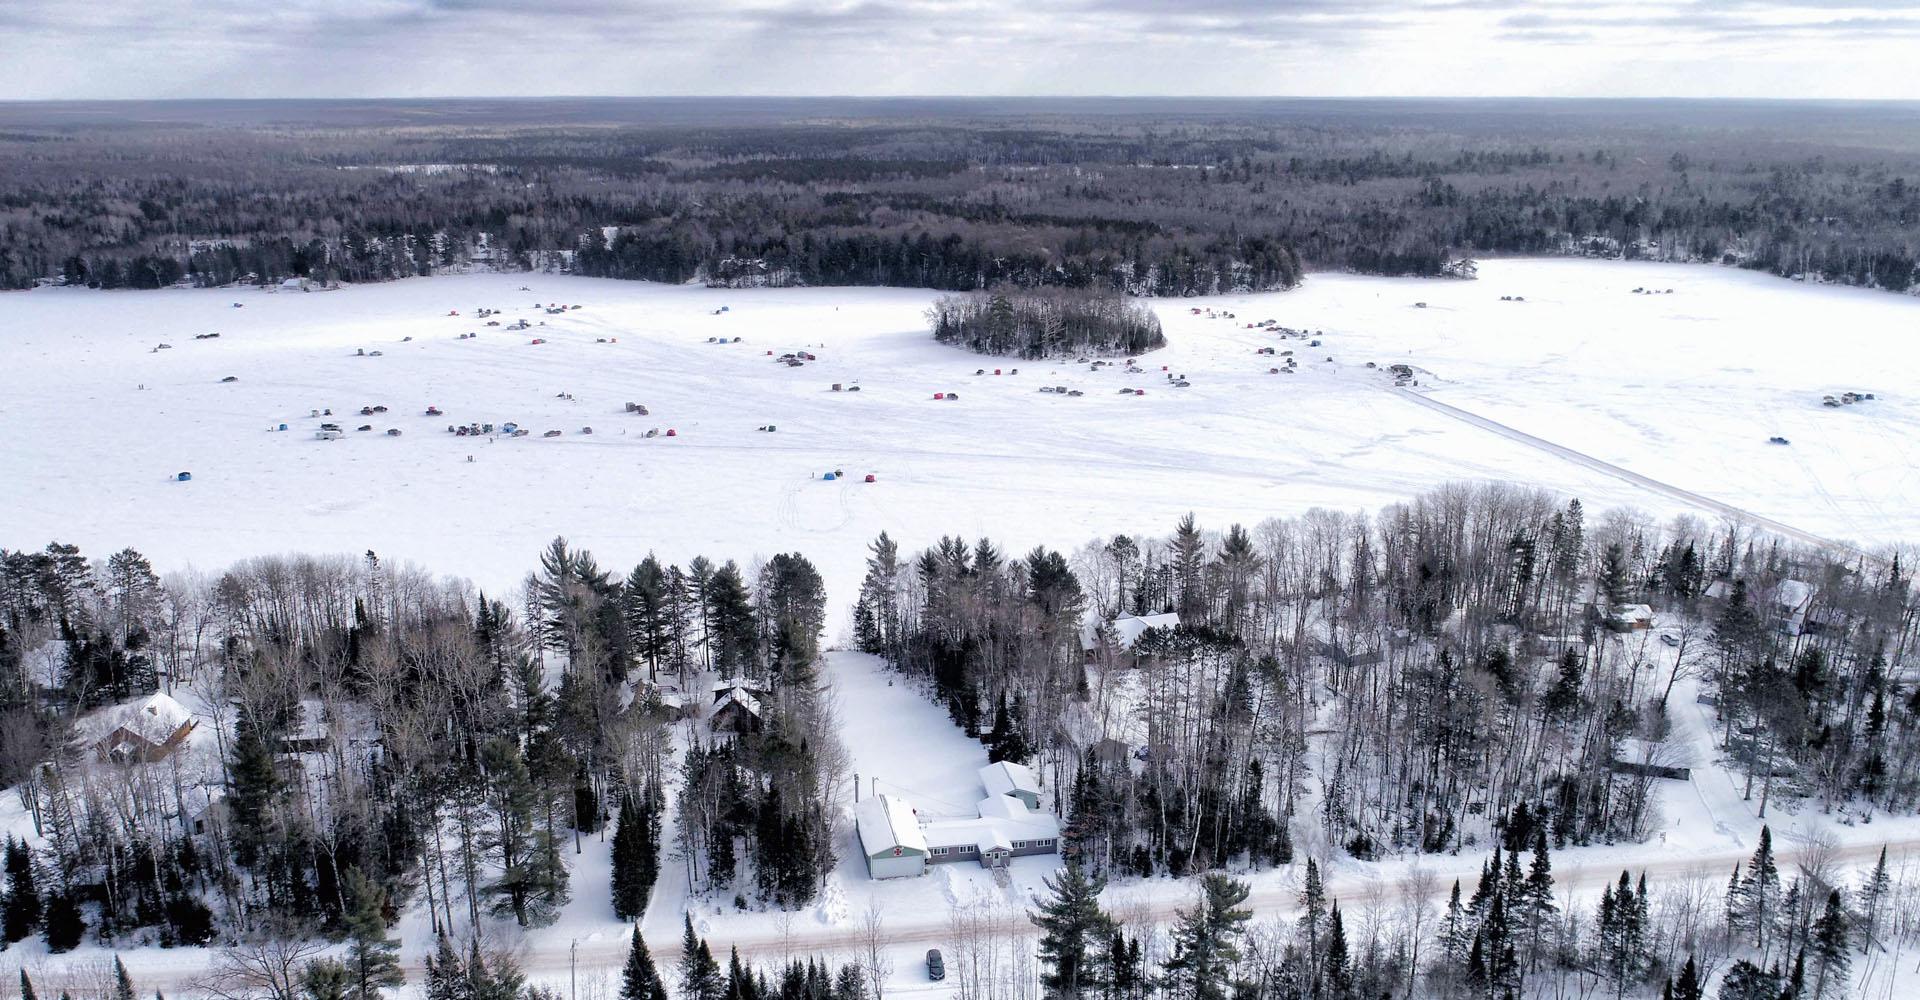 Clam Lake, WI Ice Fishing